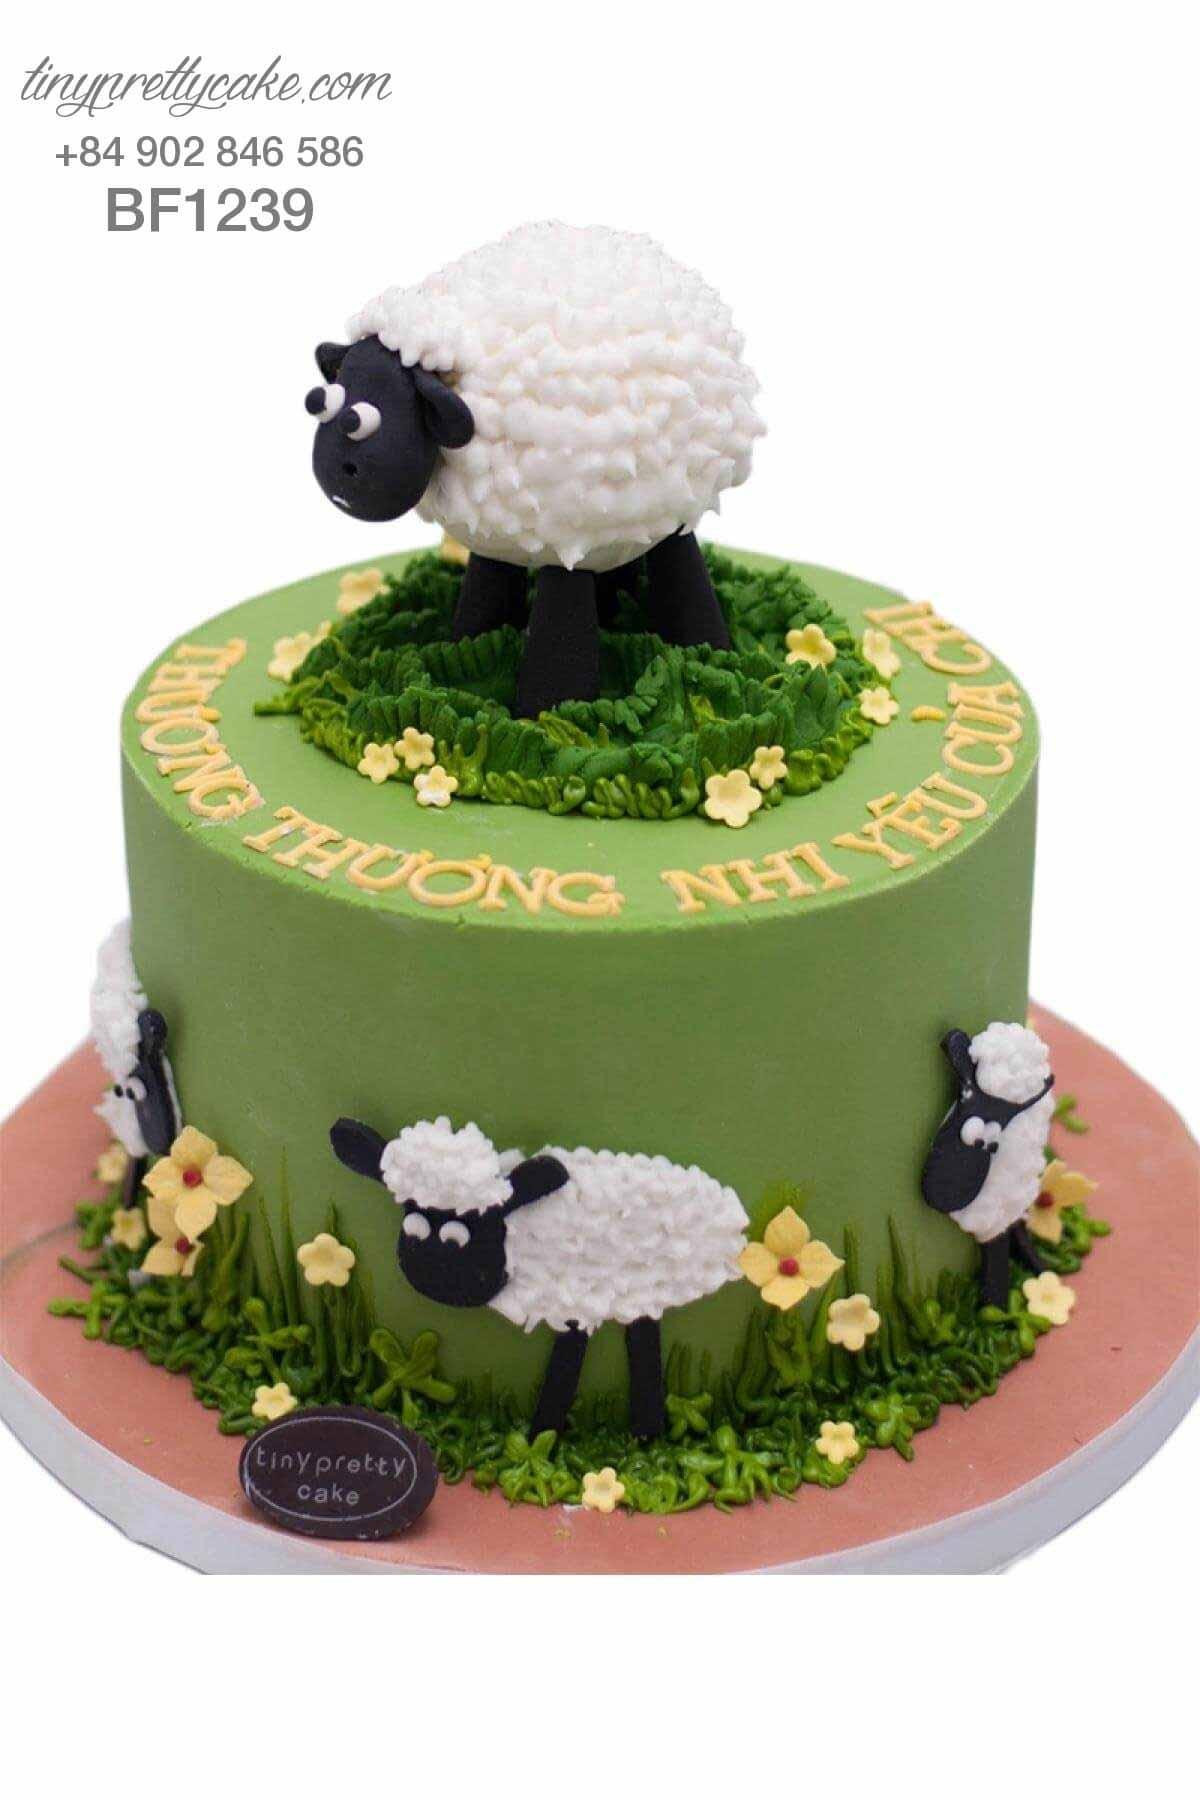 bánh kem hình con cừu